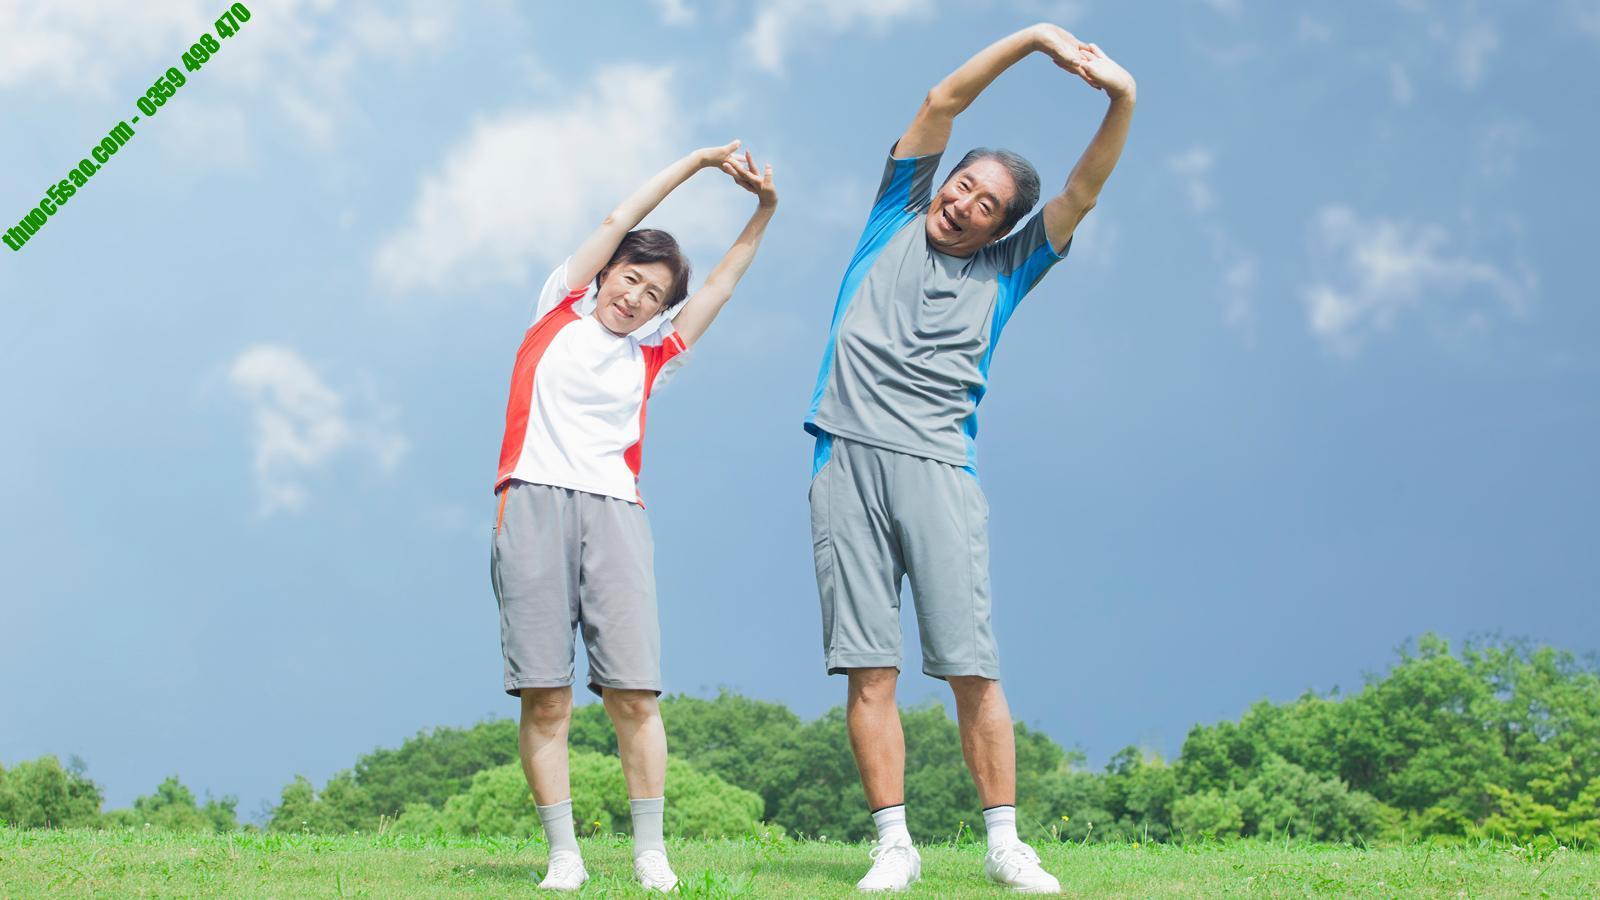 Bên cạnh việc sử dụng Lohha Trí Não thì luyện tập thể dục thể thao, có nếp sống lành mạnh sẽ giúp tình trạng bệnh lý nhanh chóng cải thiện